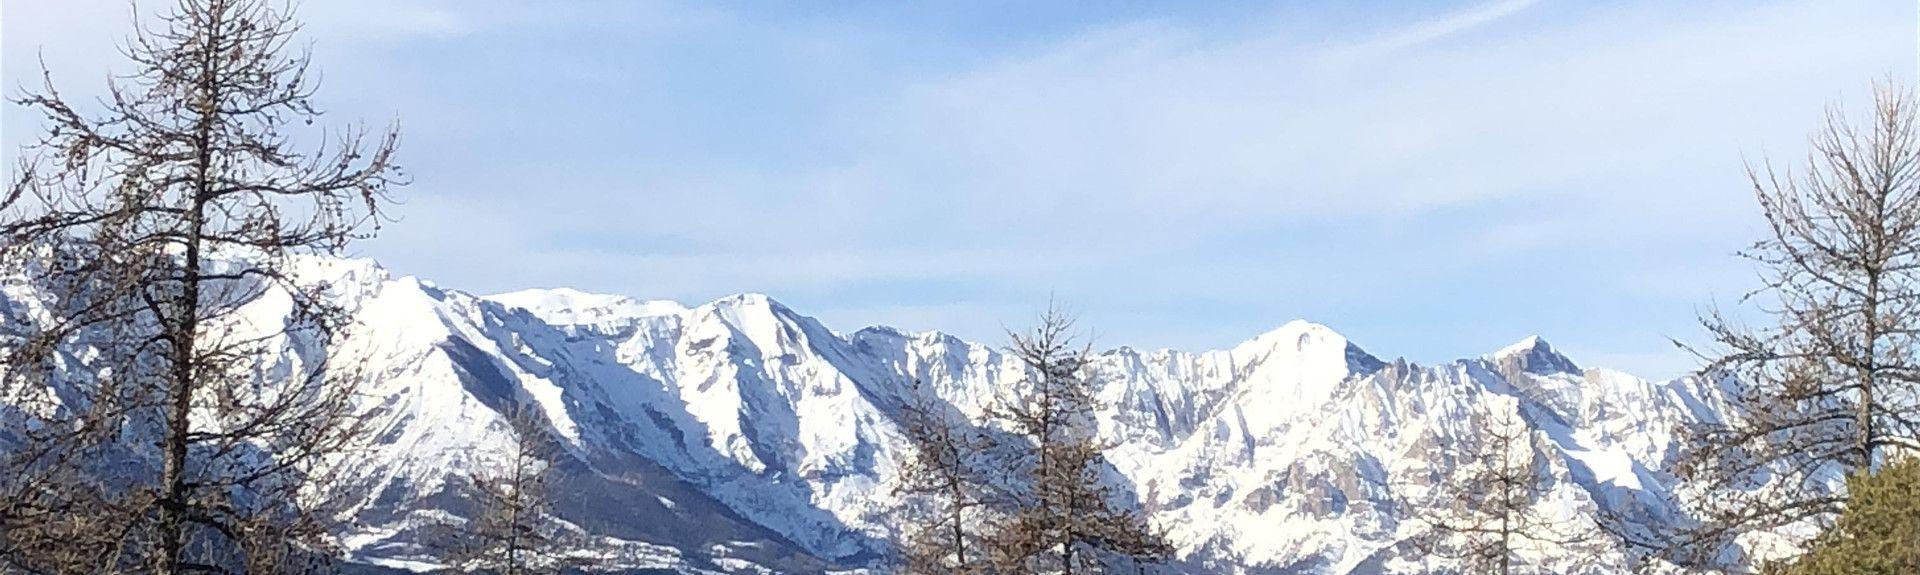 Guillaumes, Provence-Alpes-Côte d'Azur, France